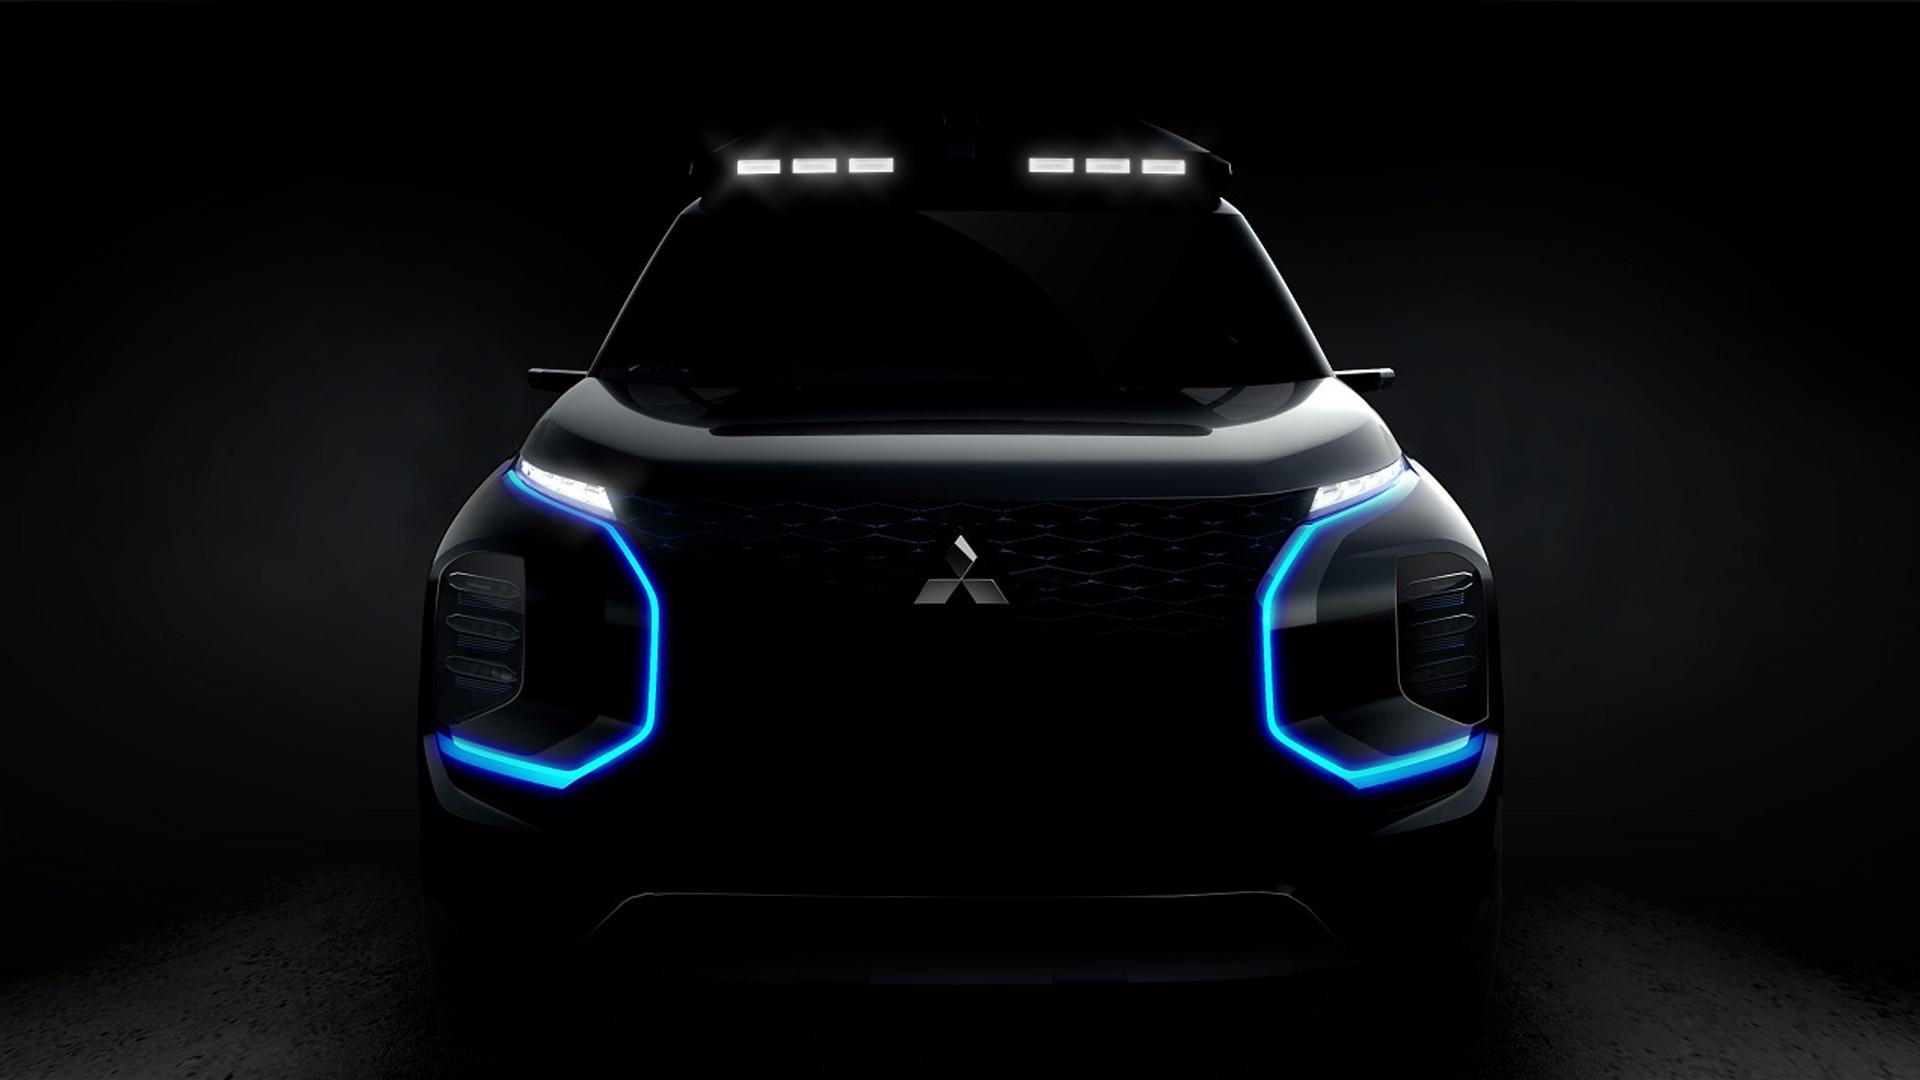 El nuevo Mitsubishi Engelberg Tourer se presentará el 5 de marzo